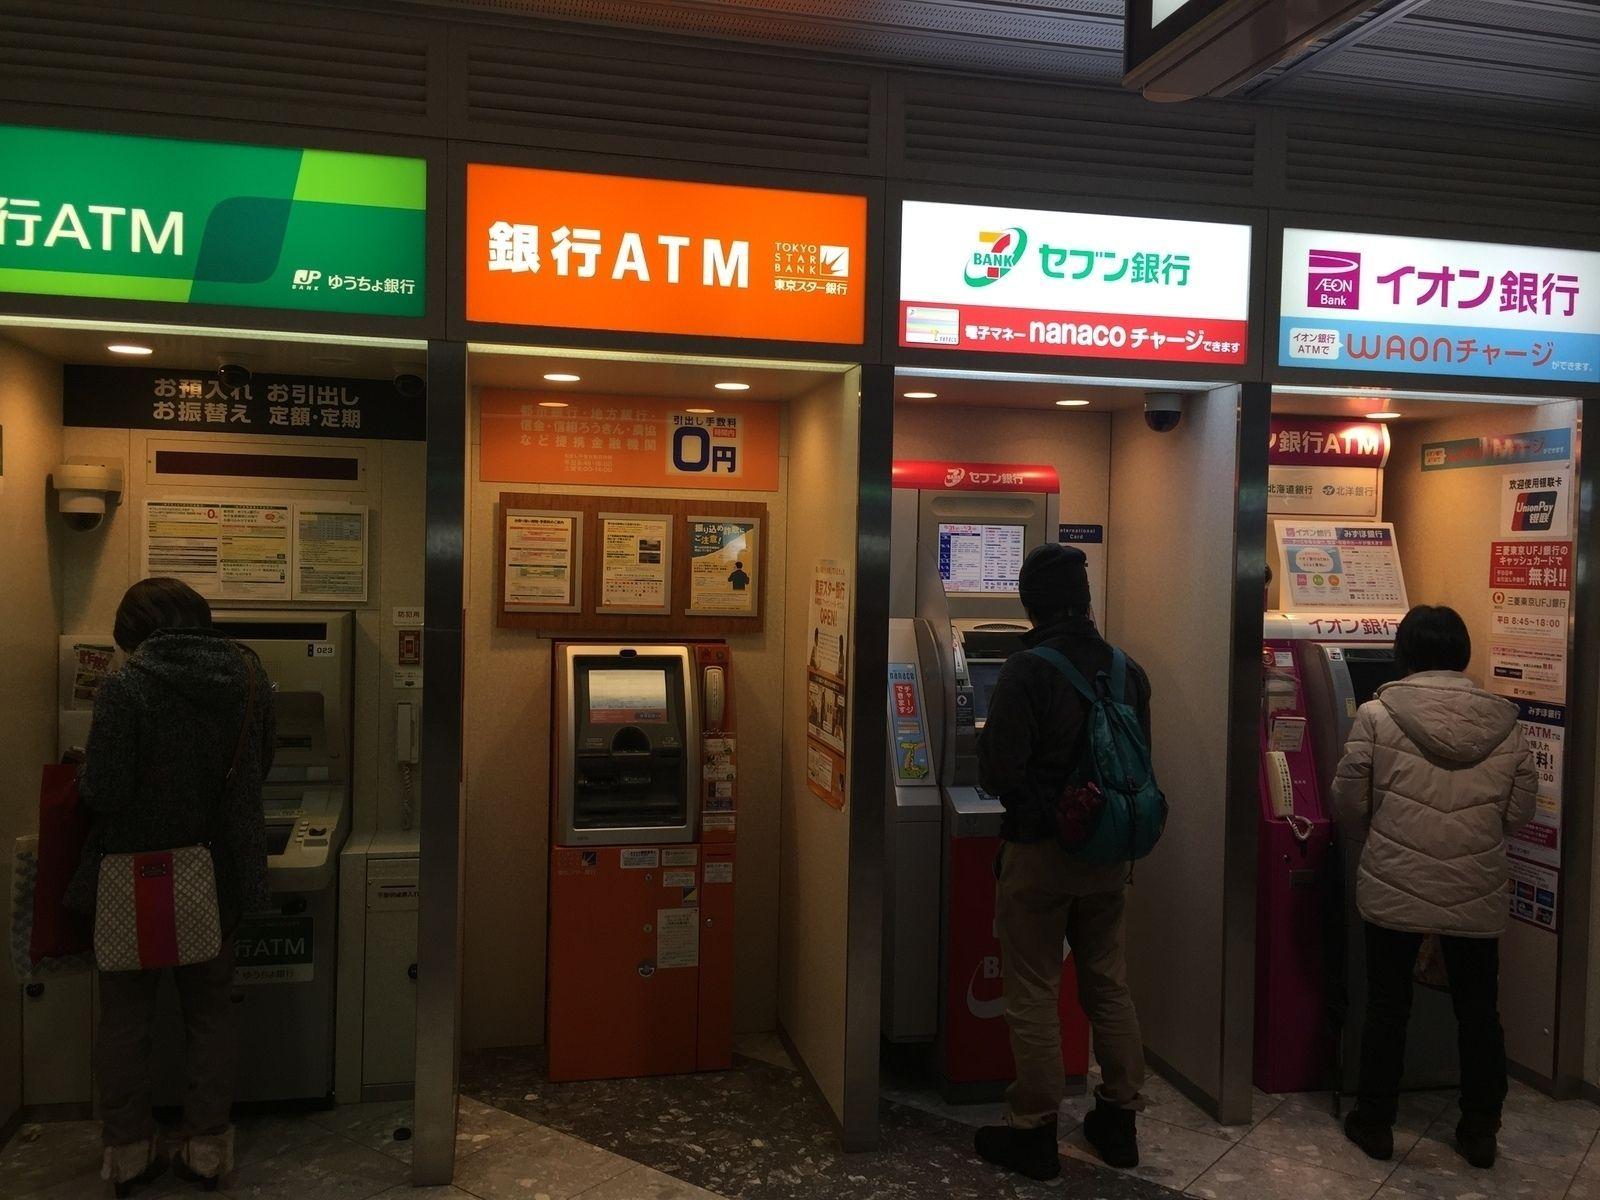 Японд анхны хиймэл оюунтай ATM ажиллаж эхэлнэ